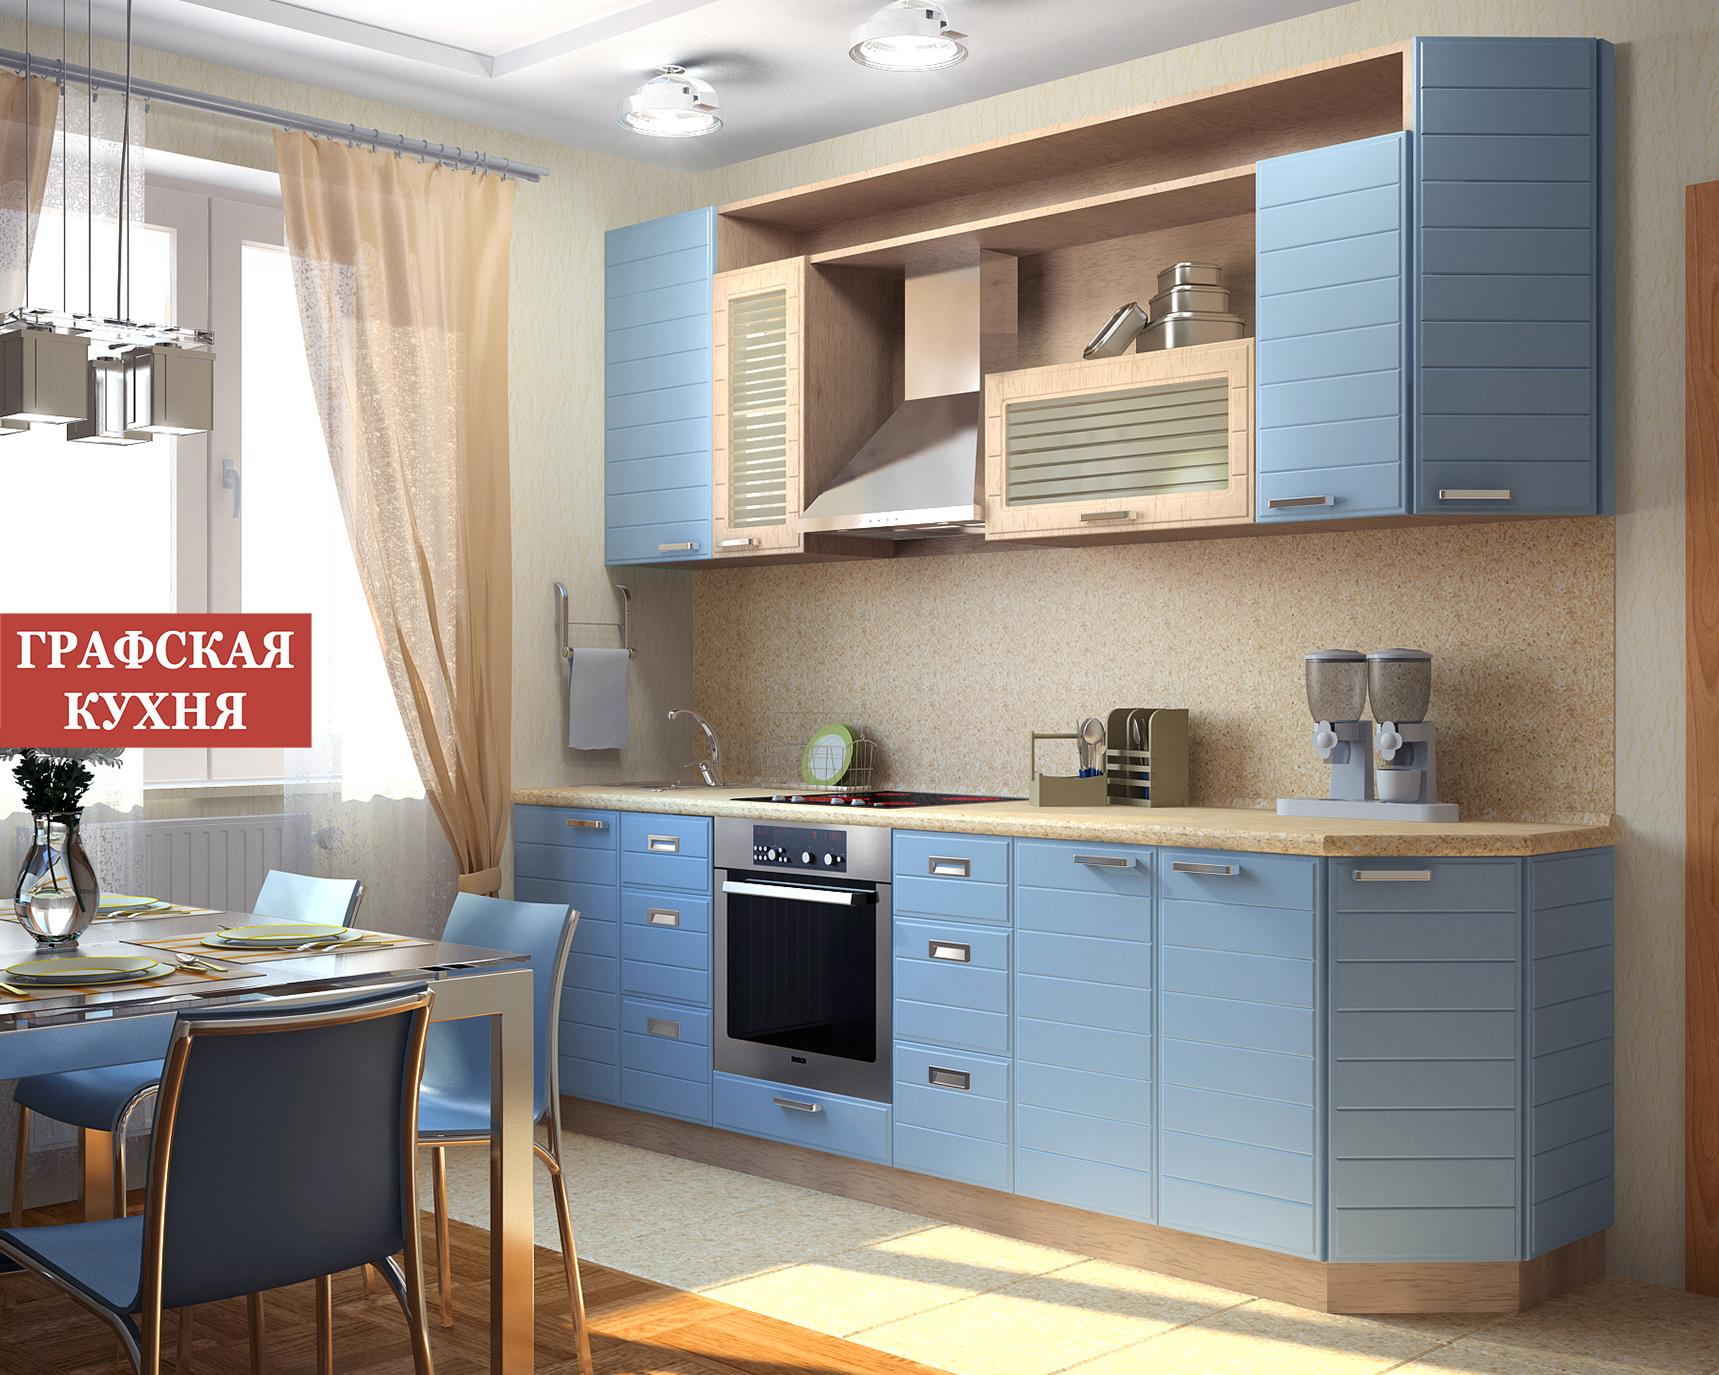 Графская кухня | Сергиев Посад